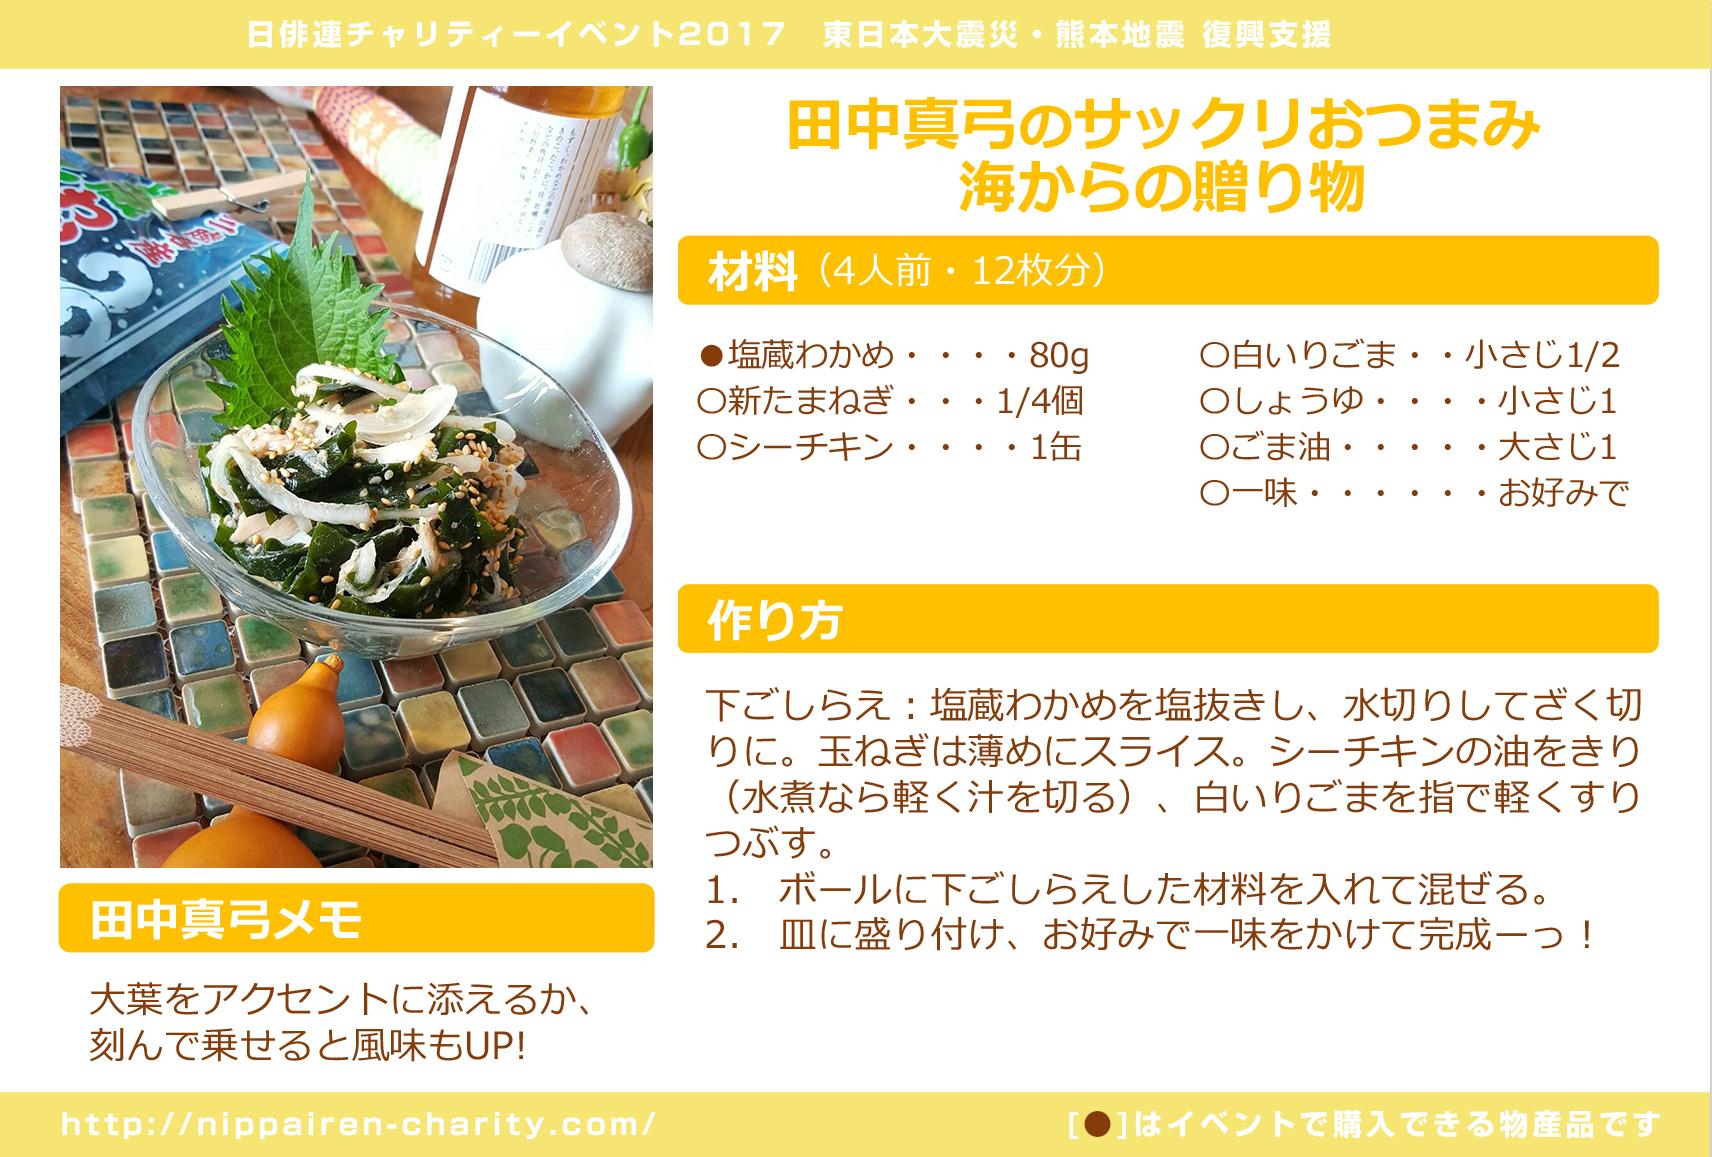 田中真弓のサックリおつまみ 海からの贈り物